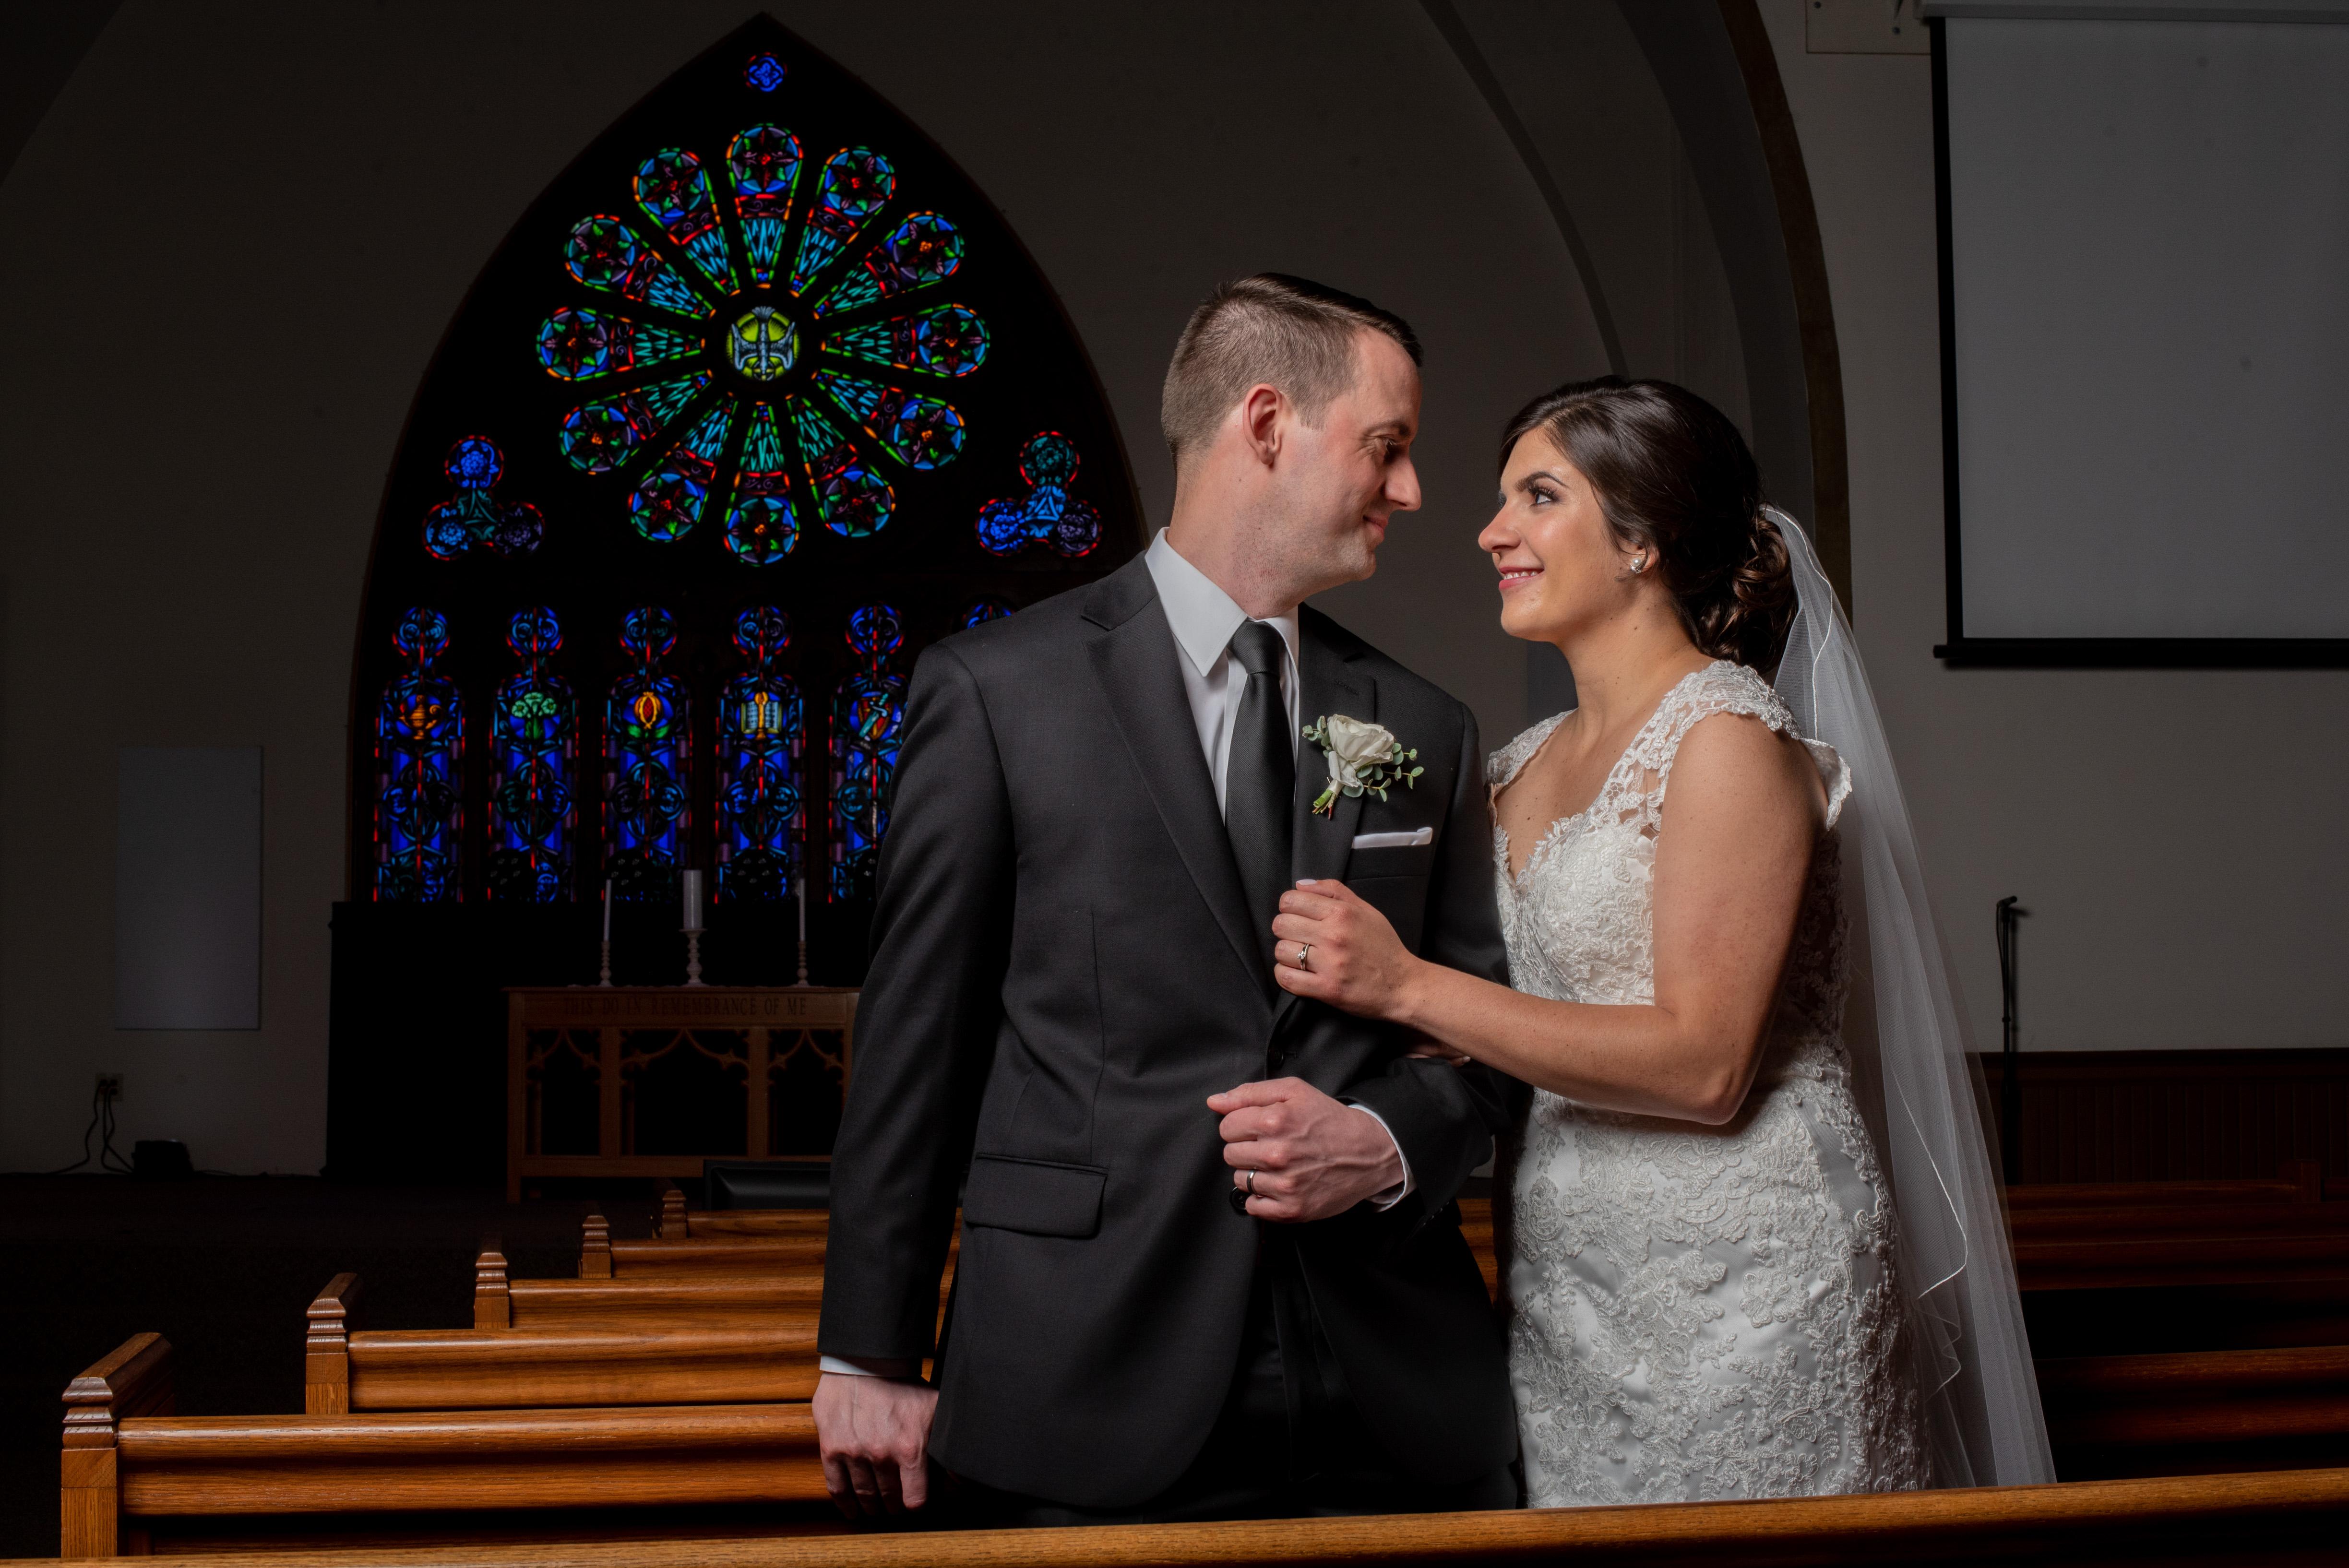 Milwaukee Wedding Photography-Jadon Good Photography_158